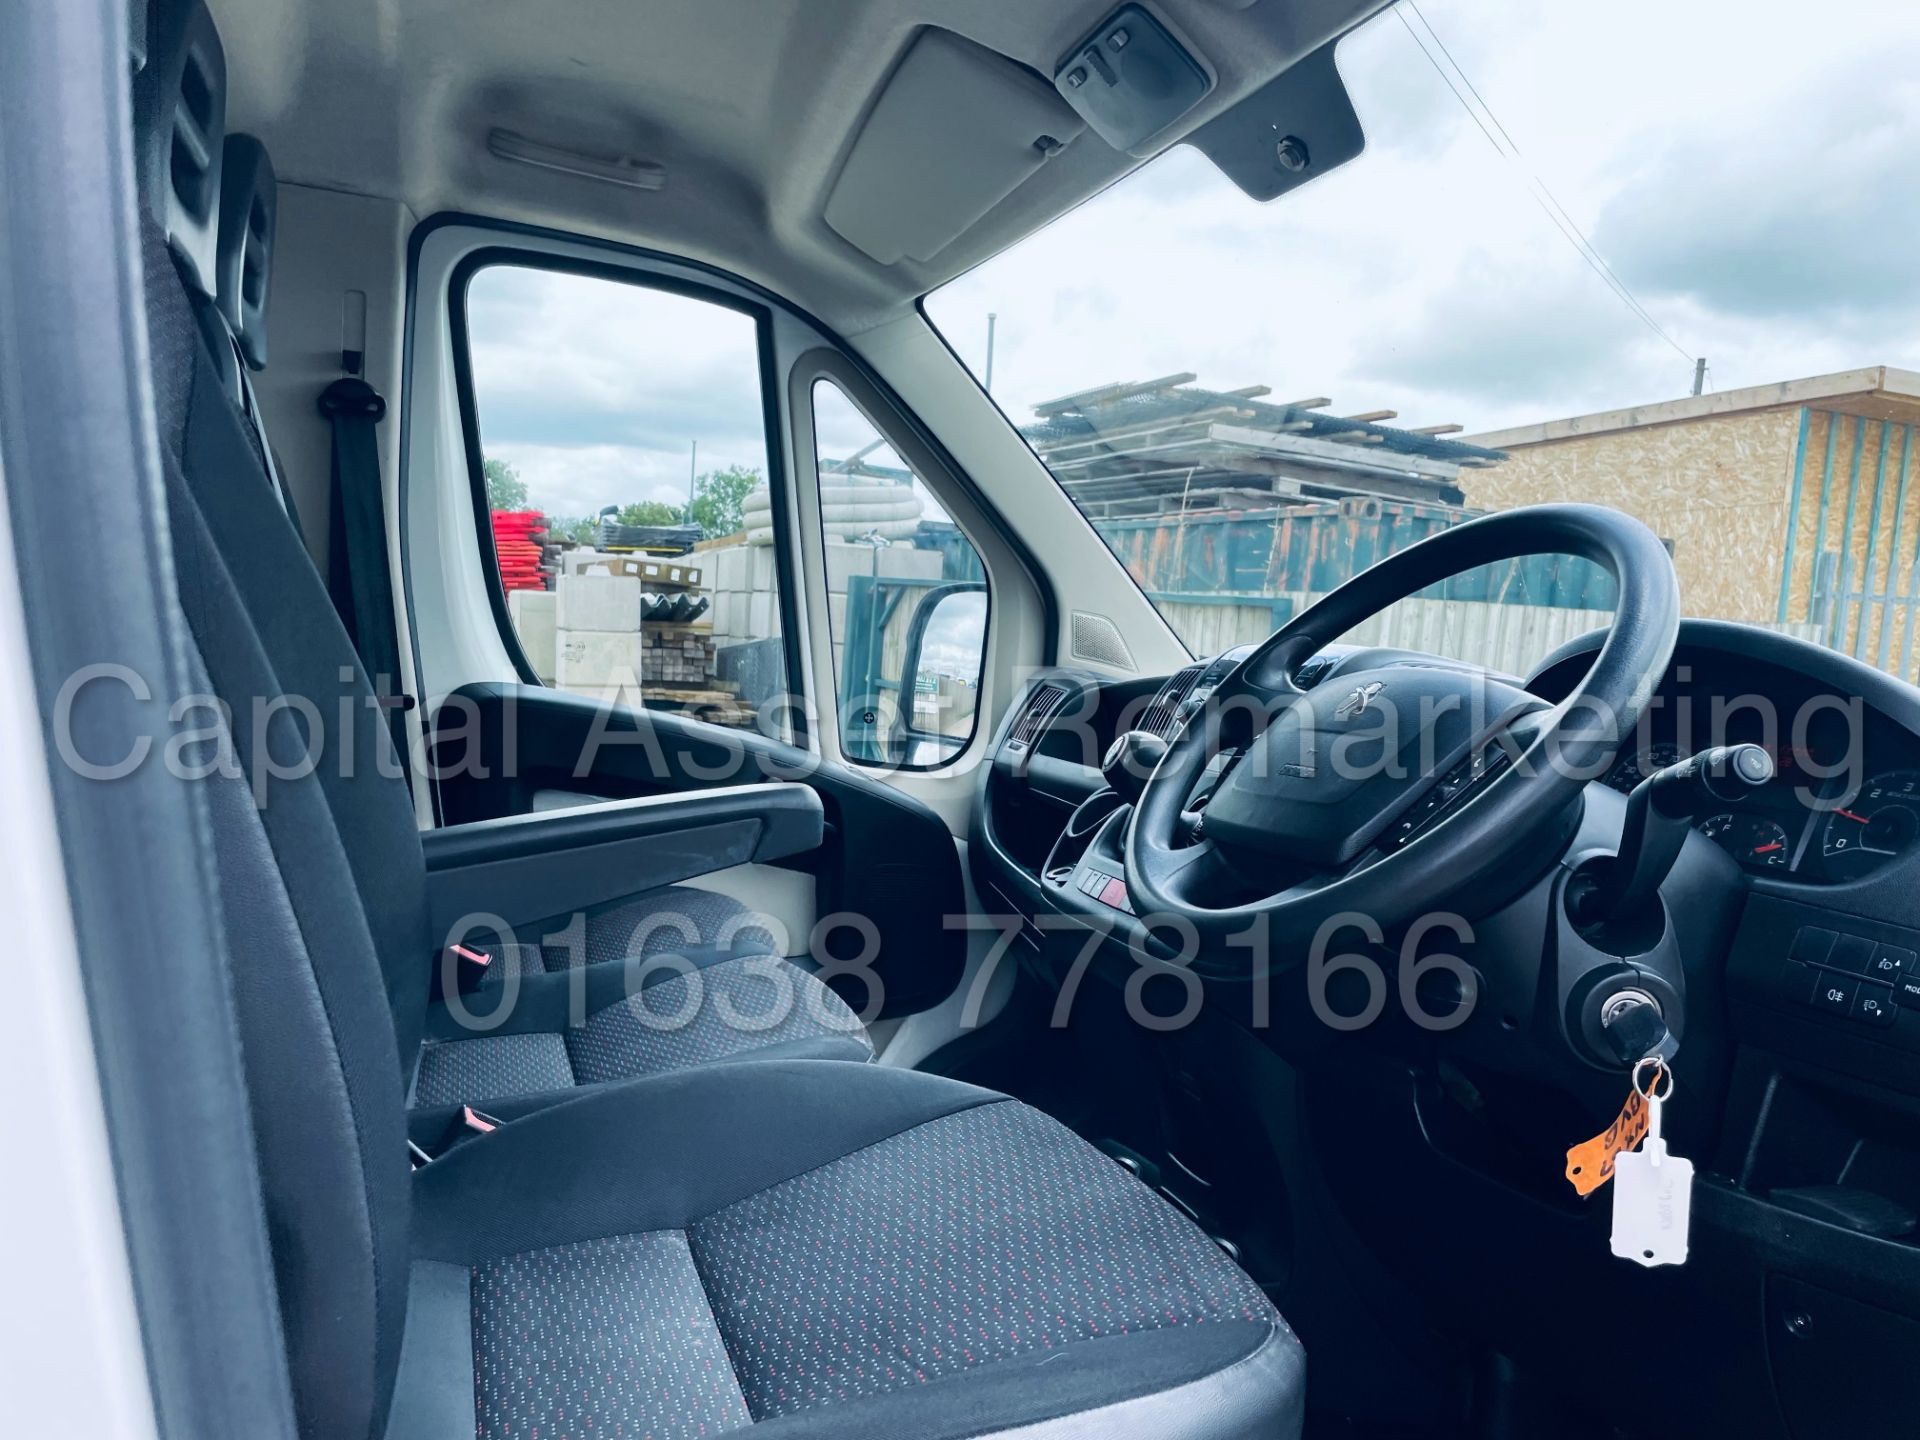 PEUGEOT BOXER *LWB - LOW LOADER / LUTON BOX VAN* (2018 - EURO 6) '2.0 BLUE HDI - 6 SPEED' *U-LEZ* - Image 28 of 41